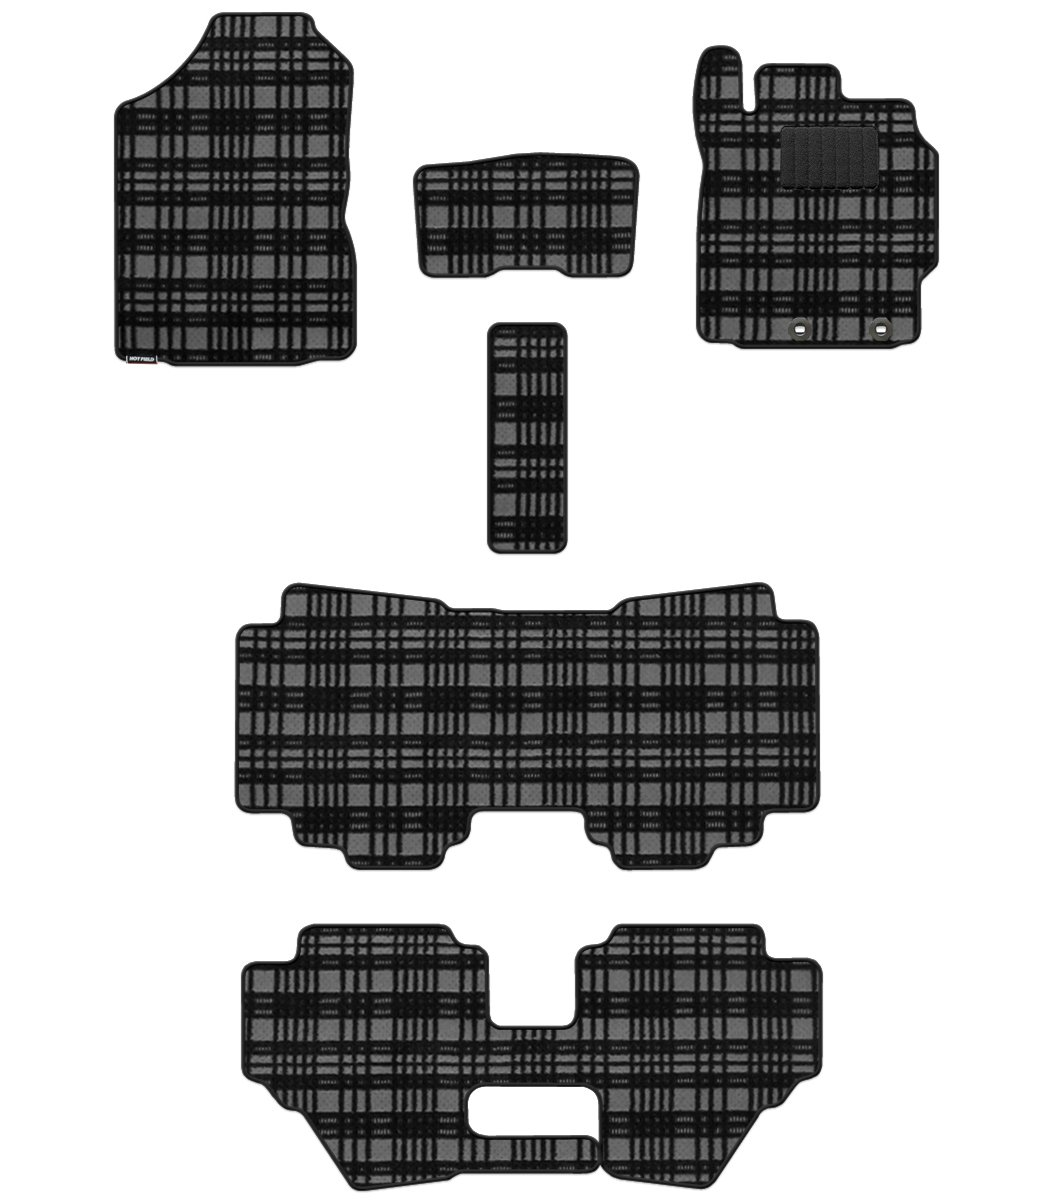 Hotfield トヨタ シエンタ フロアマット 新型 170G 175G ハイブリッド車/【標準仕様】 マドラスグレー B012UOKZIA ハイブリッド車/【標準仕様】|マドラスグレー マドラスグレー ハイブリッド車/【標準仕様】